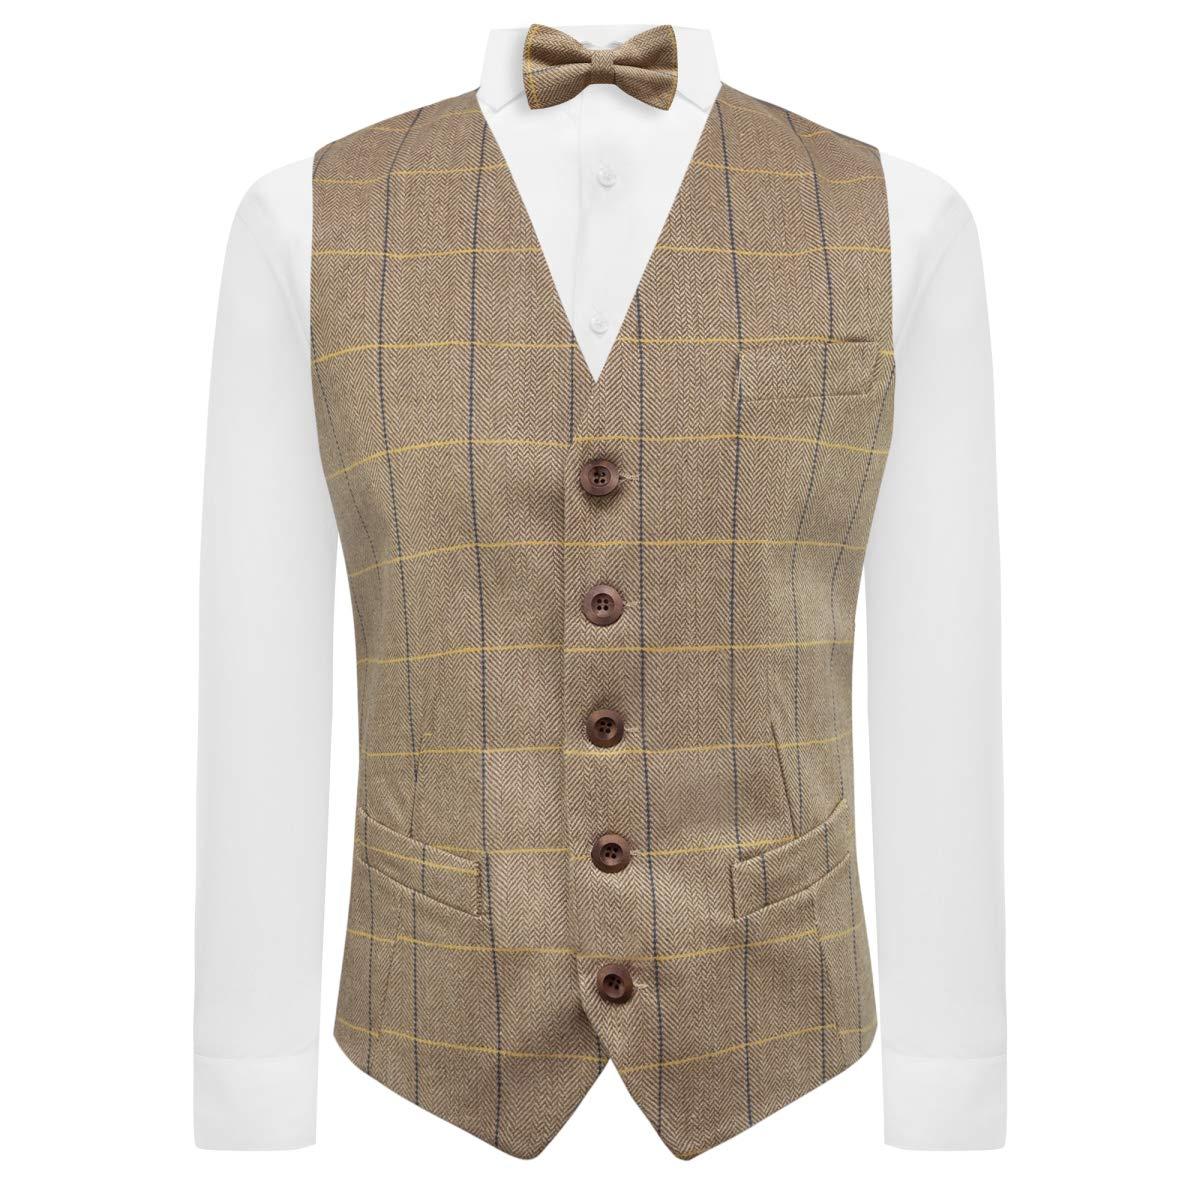 King /& Priory Light Oak Brown Herringbone Check Waistcoat Tweed